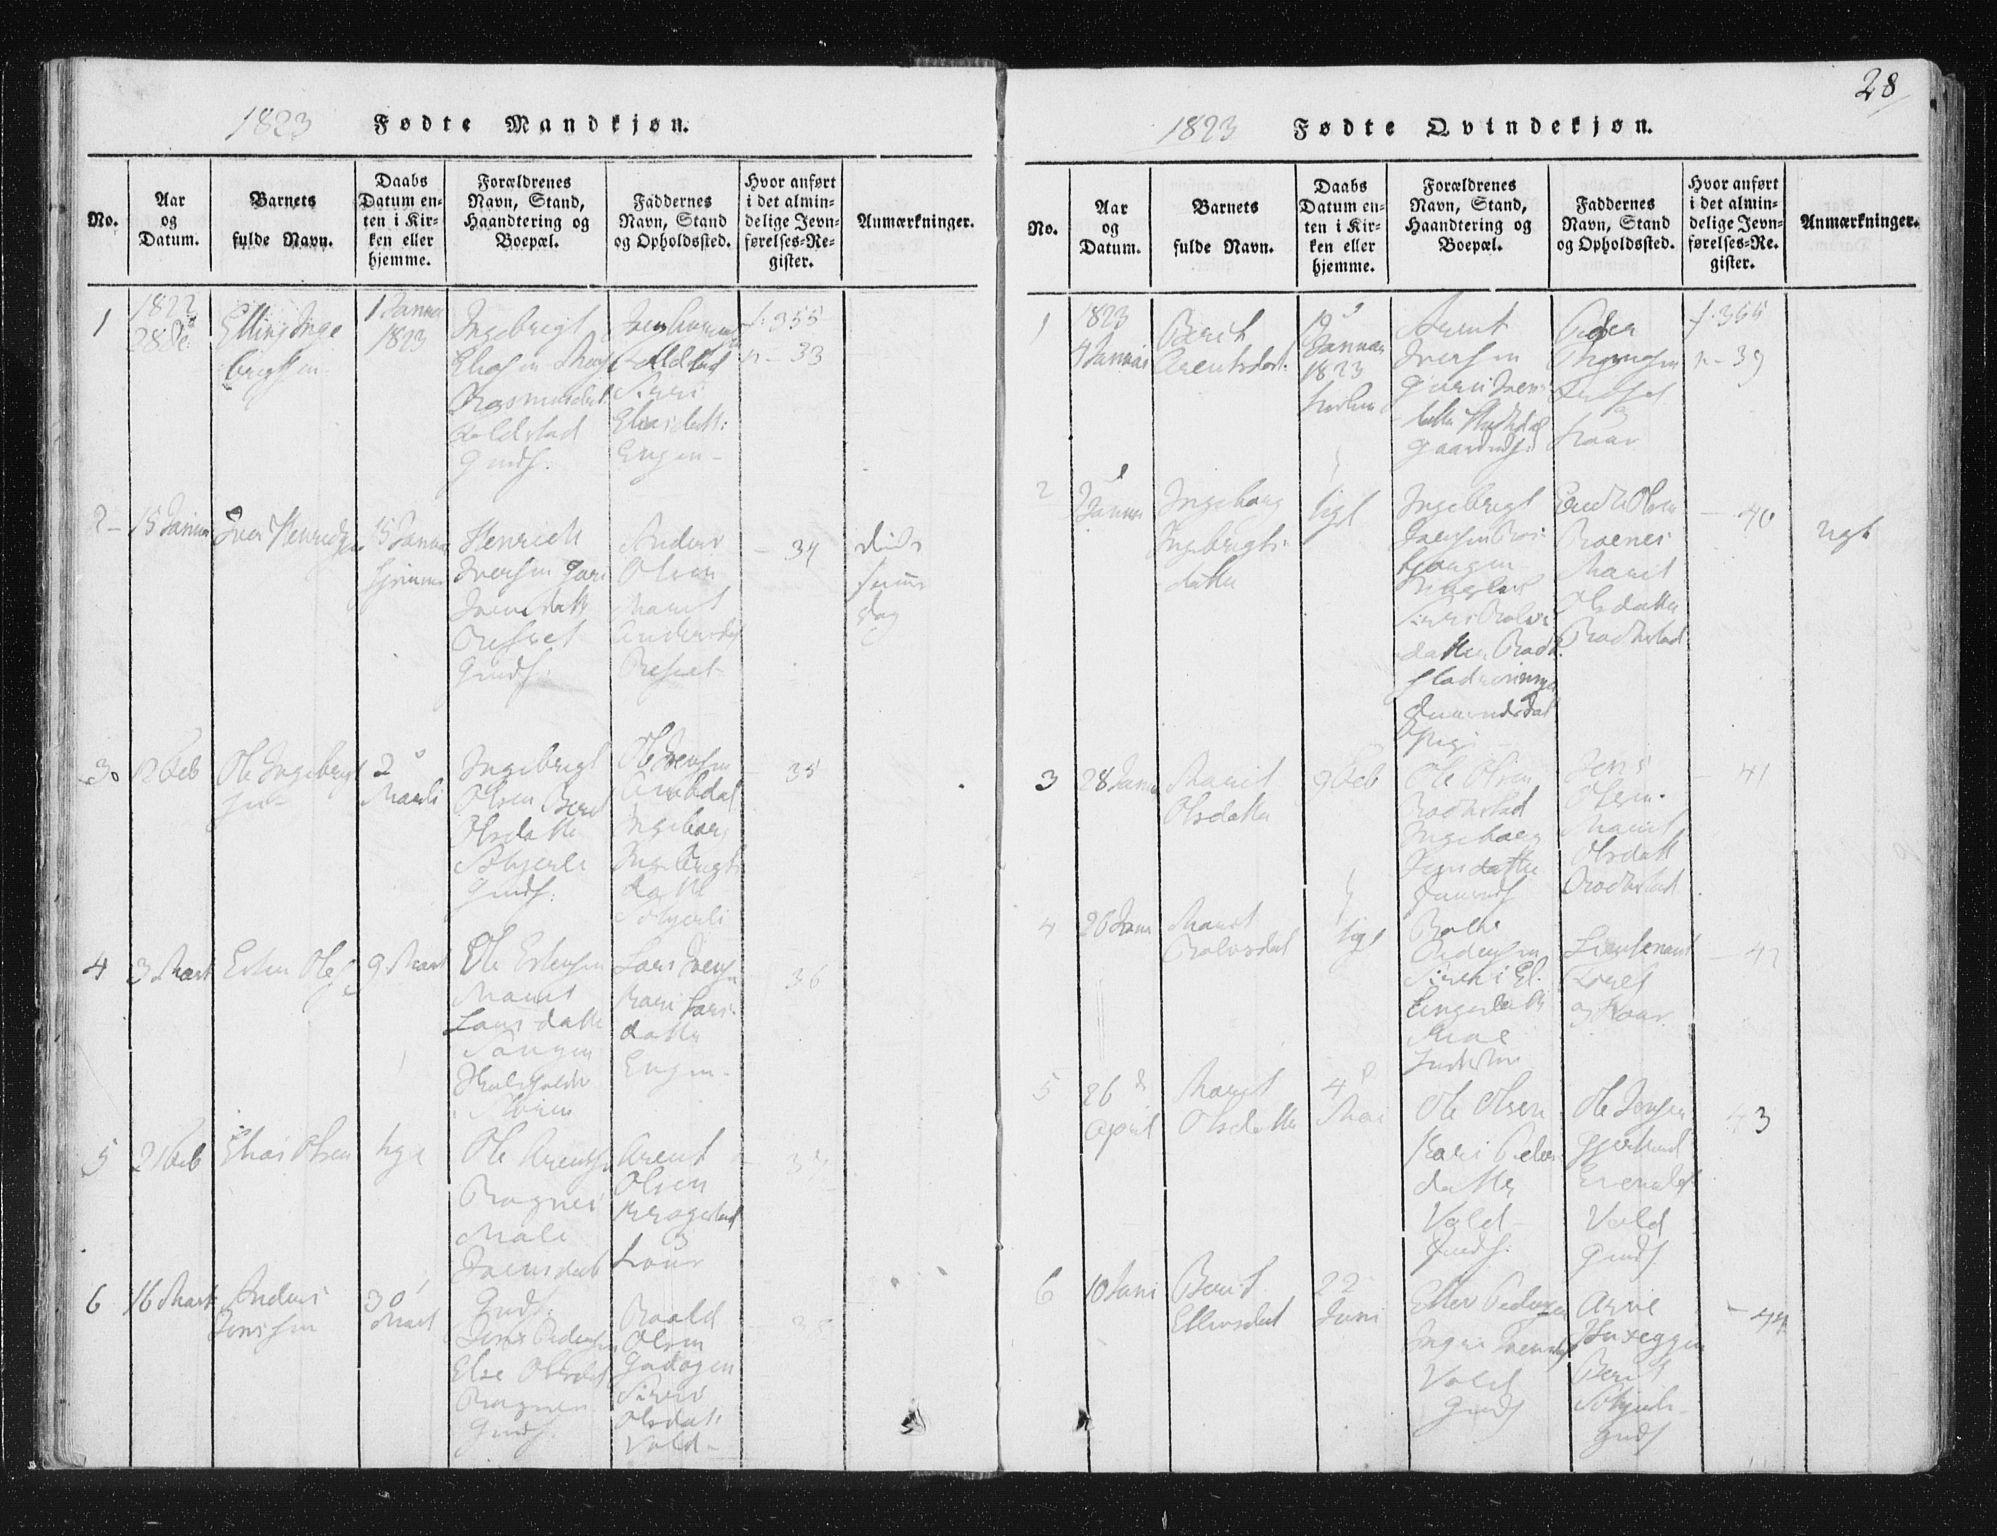 SAT, Ministerialprotokoller, klokkerbøker og fødselsregistre - Sør-Trøndelag, 687/L0996: Ministerialbok nr. 687A04, 1816-1842, s. 28